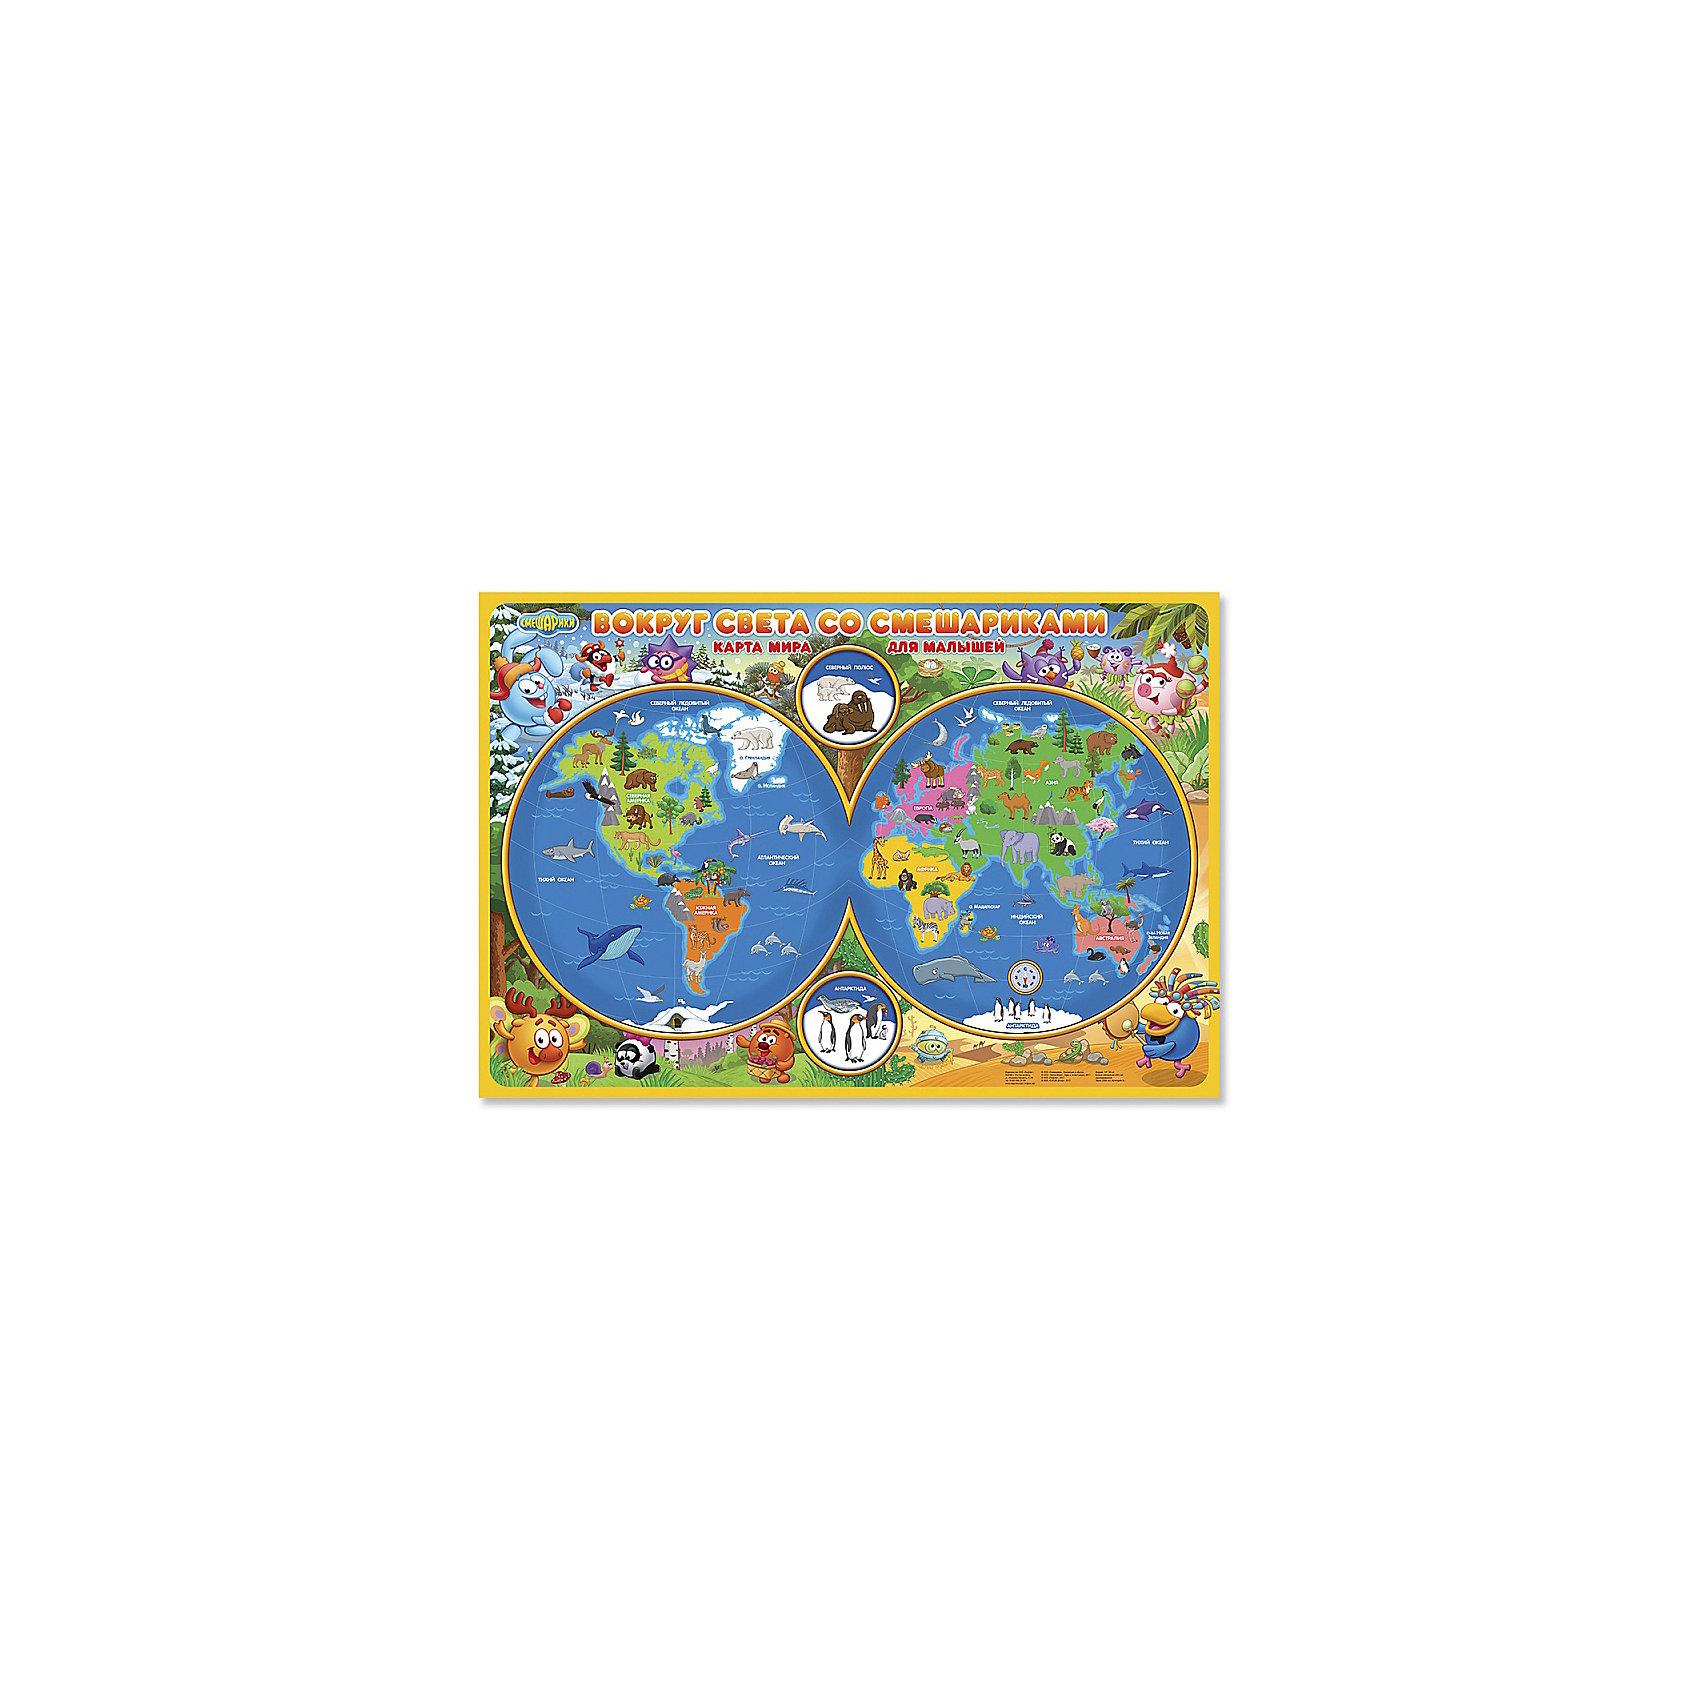 Карта мира для малышей Вокруг света со СмешарикамиСпециально для таких маленьких мечтателей, любопытных исследователей, дружелюбных малышей, как Бараш, Крош, Нюша и Пин, мы создали эту настенную карту со Смешариками, чтобы привлечь внимание деток и в лёгкой мультипликационной форме познакомить с окружающим миром, огромными материками, глубокими океанами и самыми разными животными.<br><br>Ширина мм: 730<br>Глубина мм: 40<br>Высота мм: 40<br>Вес г: 157<br>Возраст от месяцев: 72<br>Возраст до месяцев: 2147483647<br>Пол: Унисекс<br>Возраст: Детский<br>SKU: 5518197